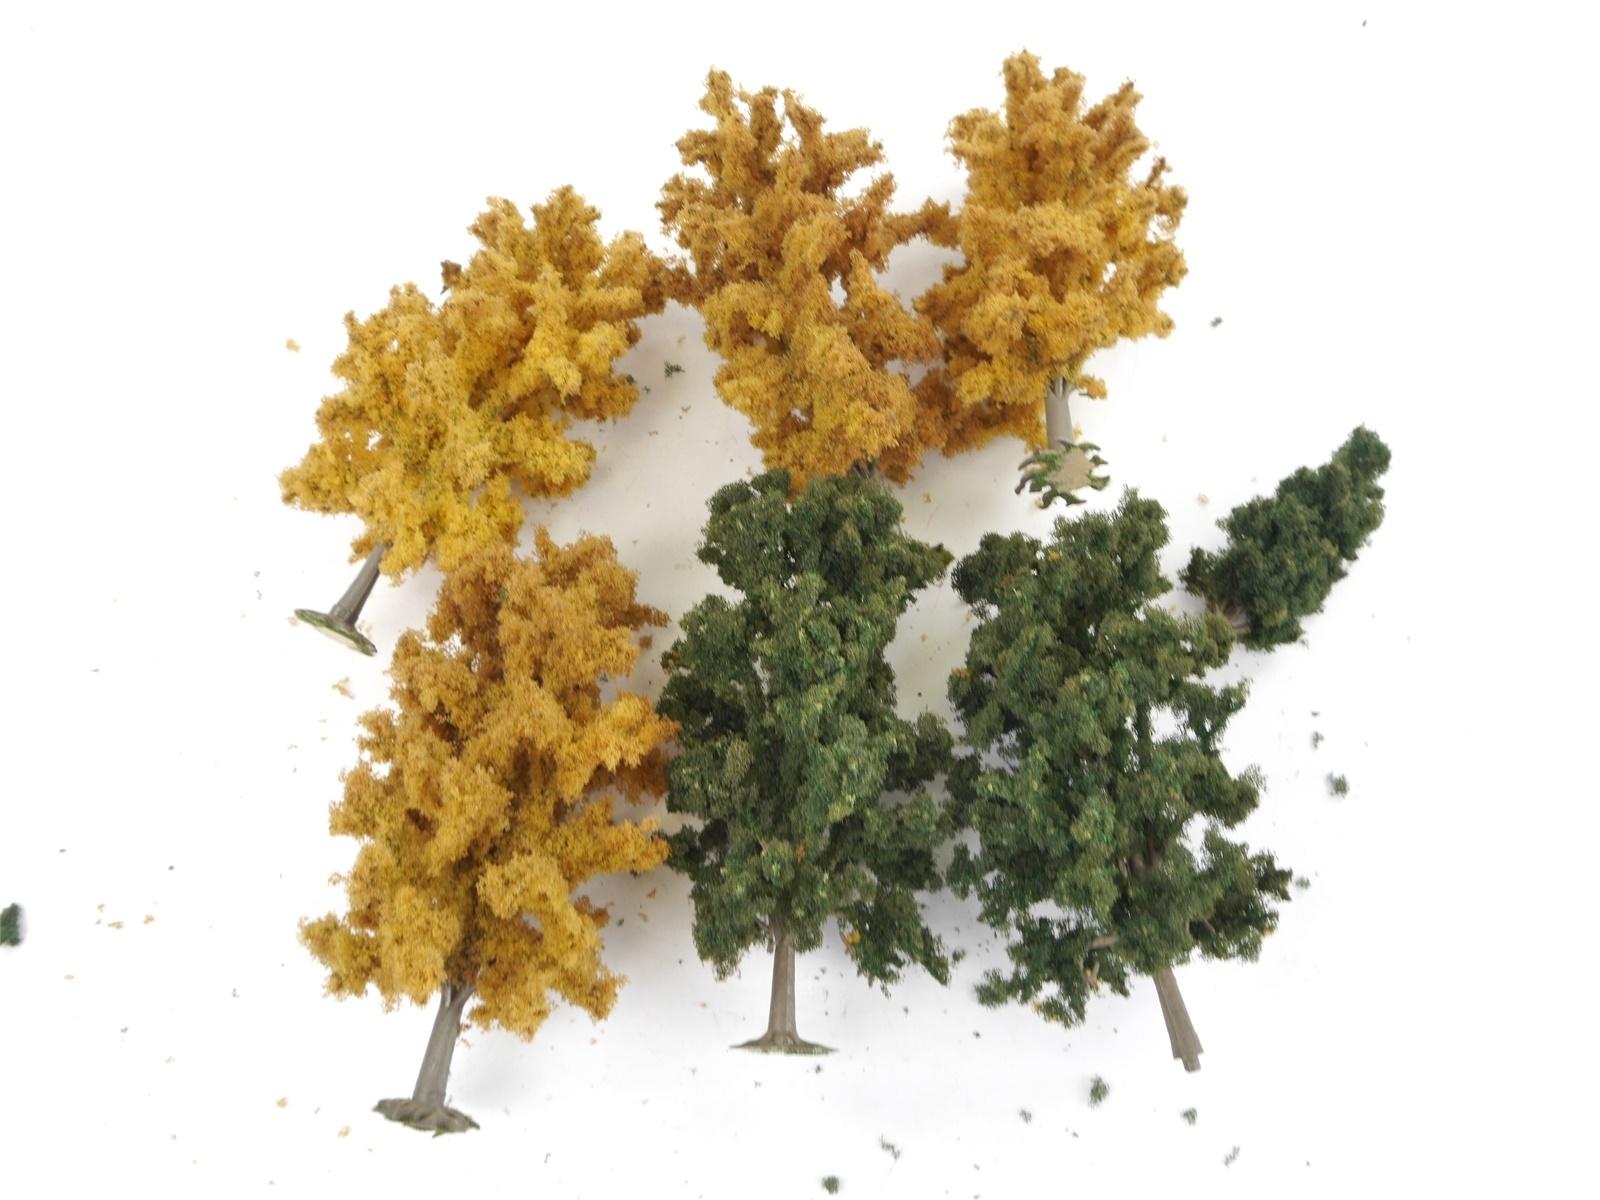 E122 H0 6x Landschaftsbau Bäume Laubbäume Herbstbäume / ca. 10,5-19 cm